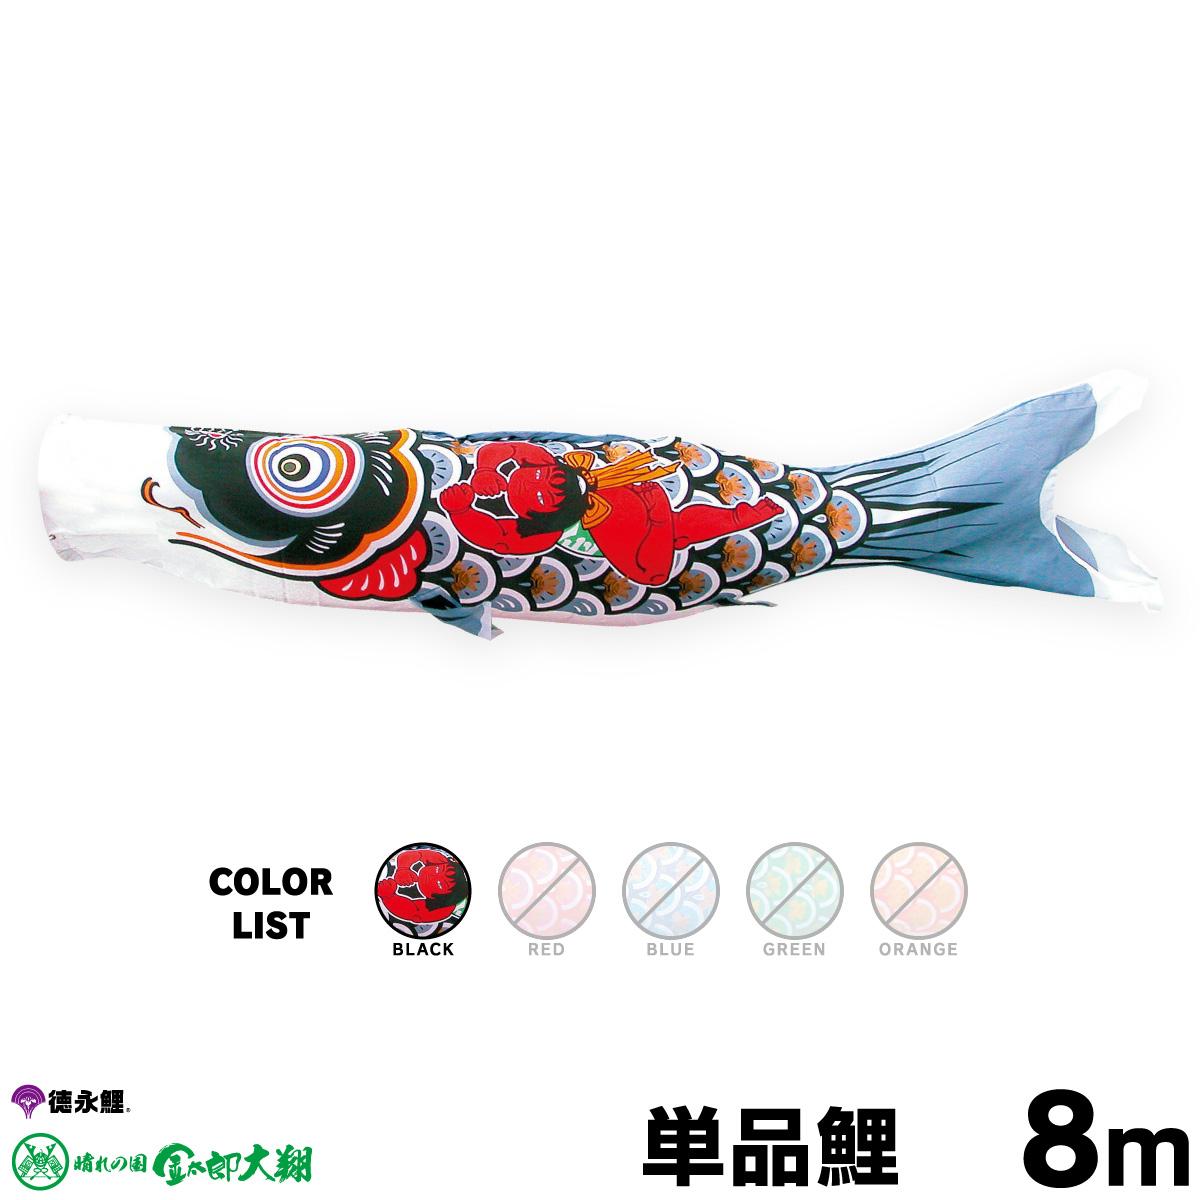 【こいのぼり 単品】 金太郎太翔 8m 単品鯉 黒